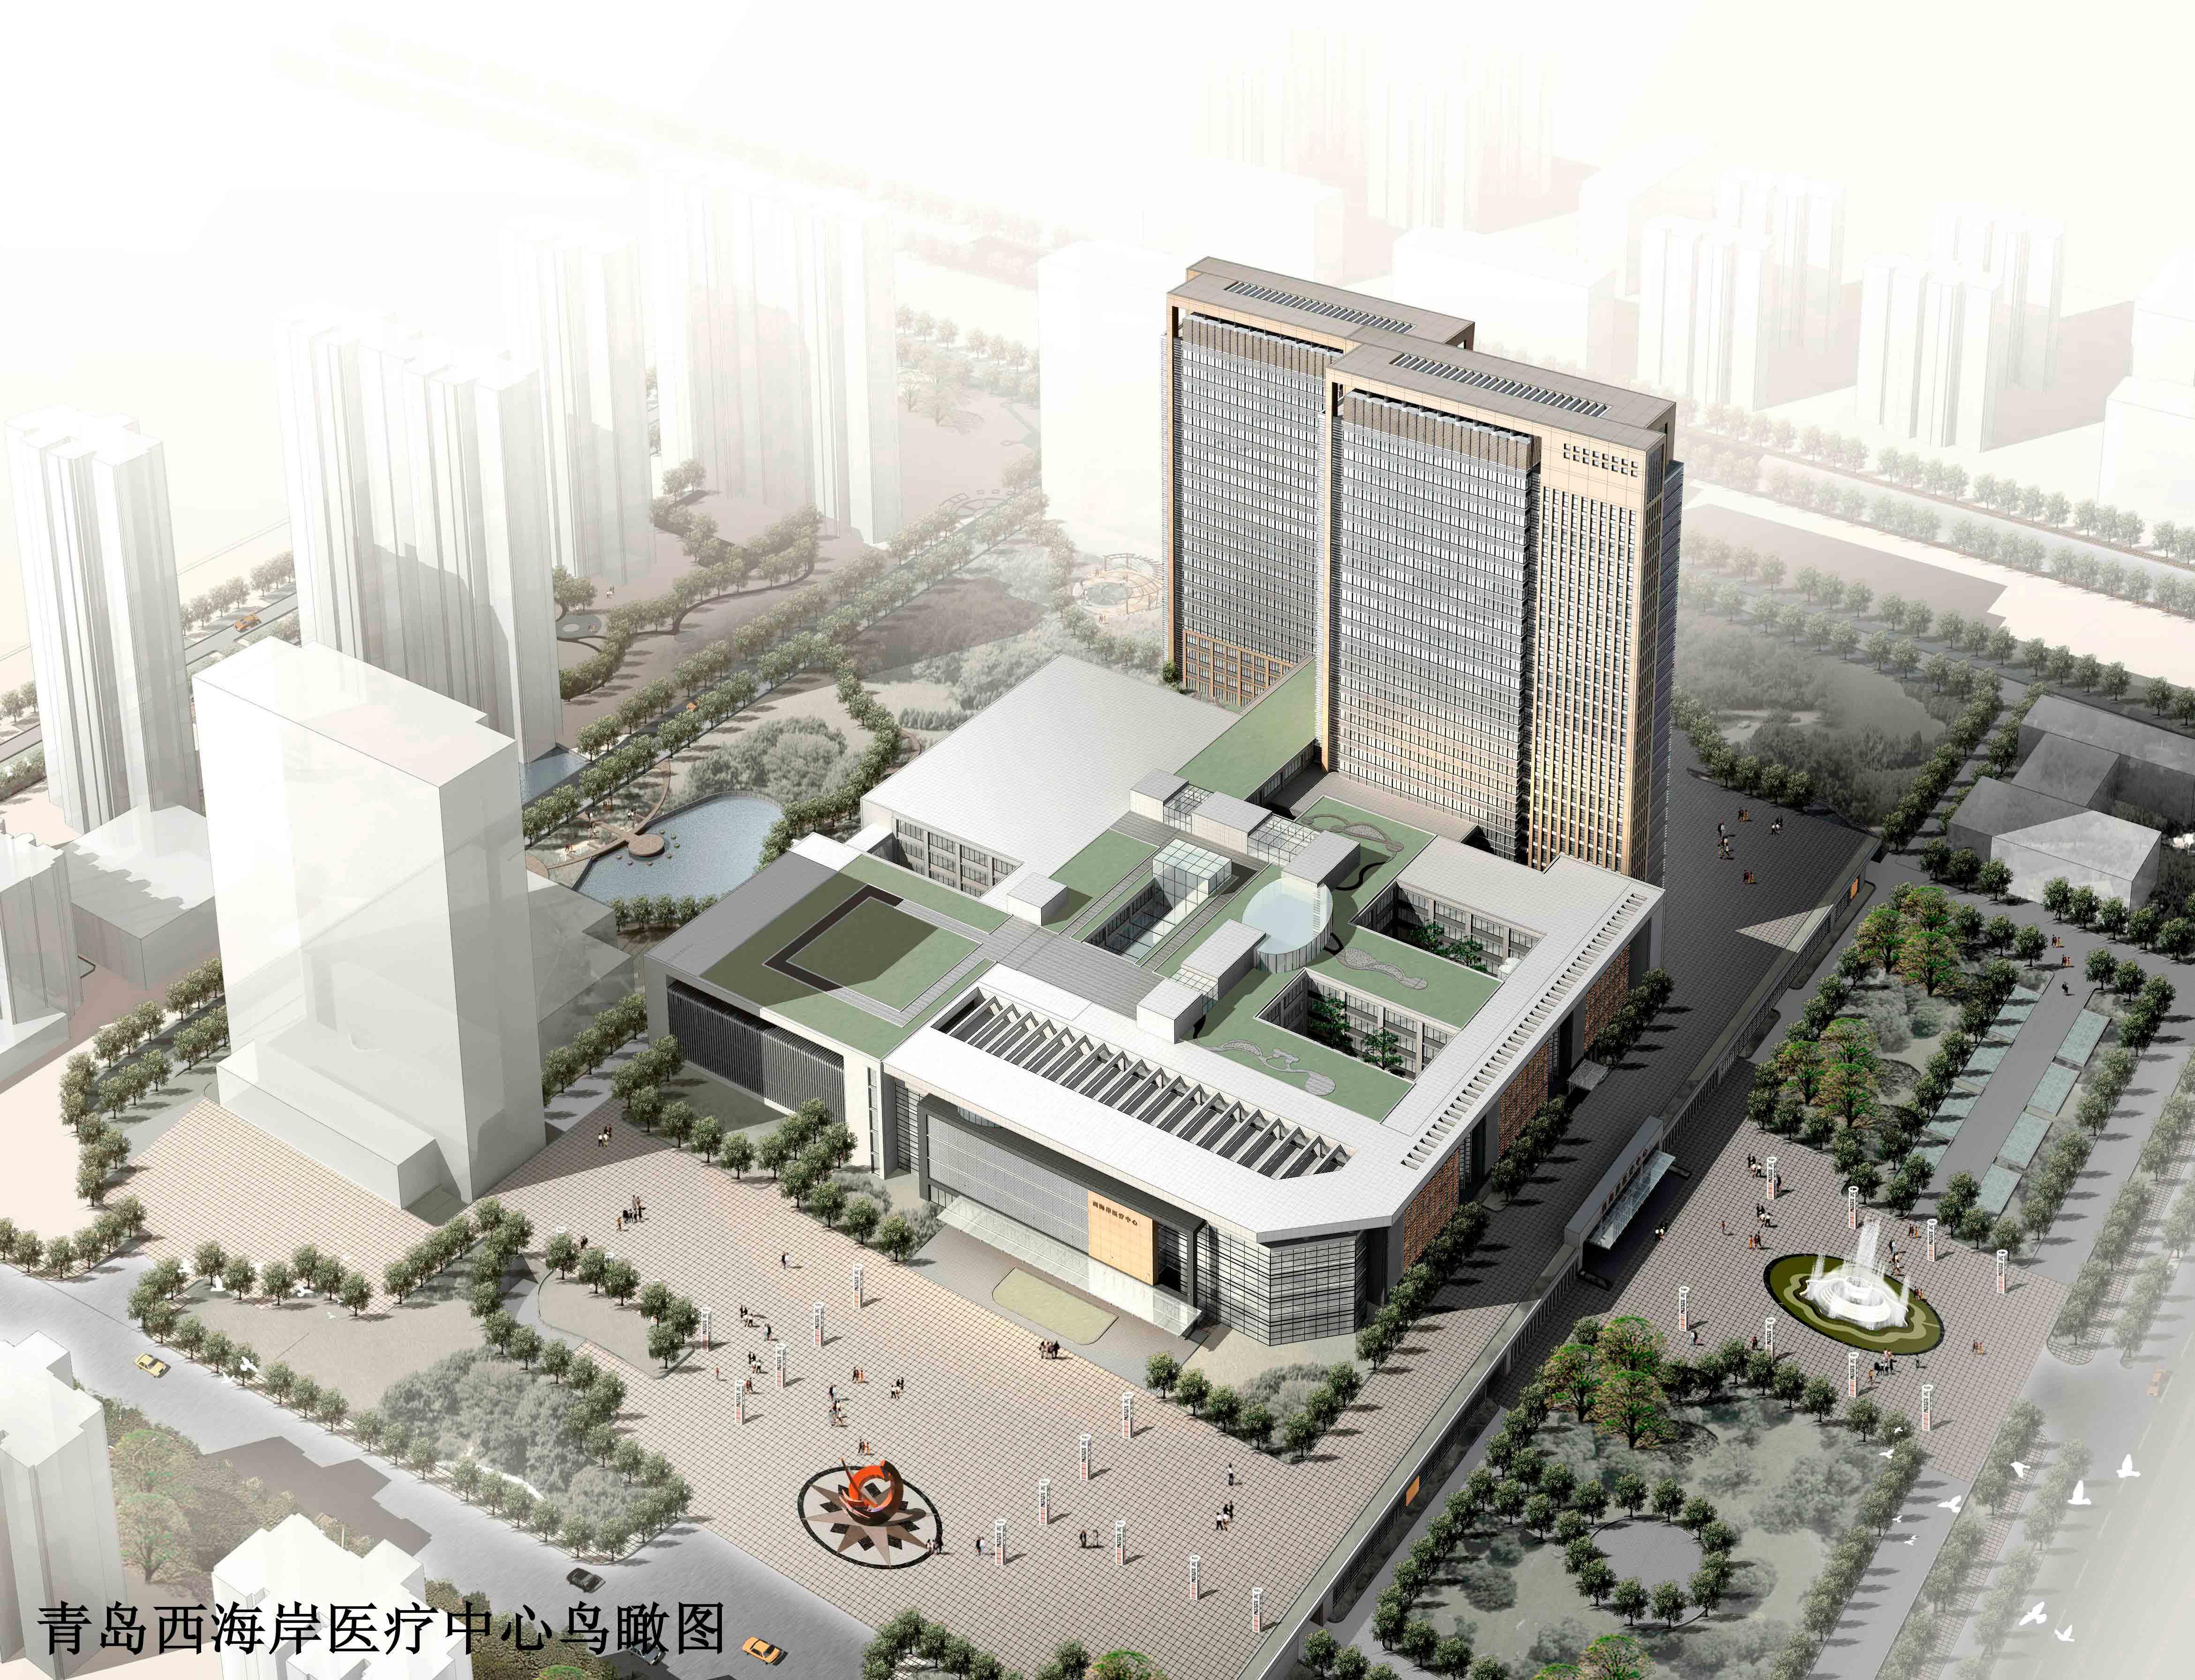 青岛西海岸医疗中心综合楼建筑电气设计简介